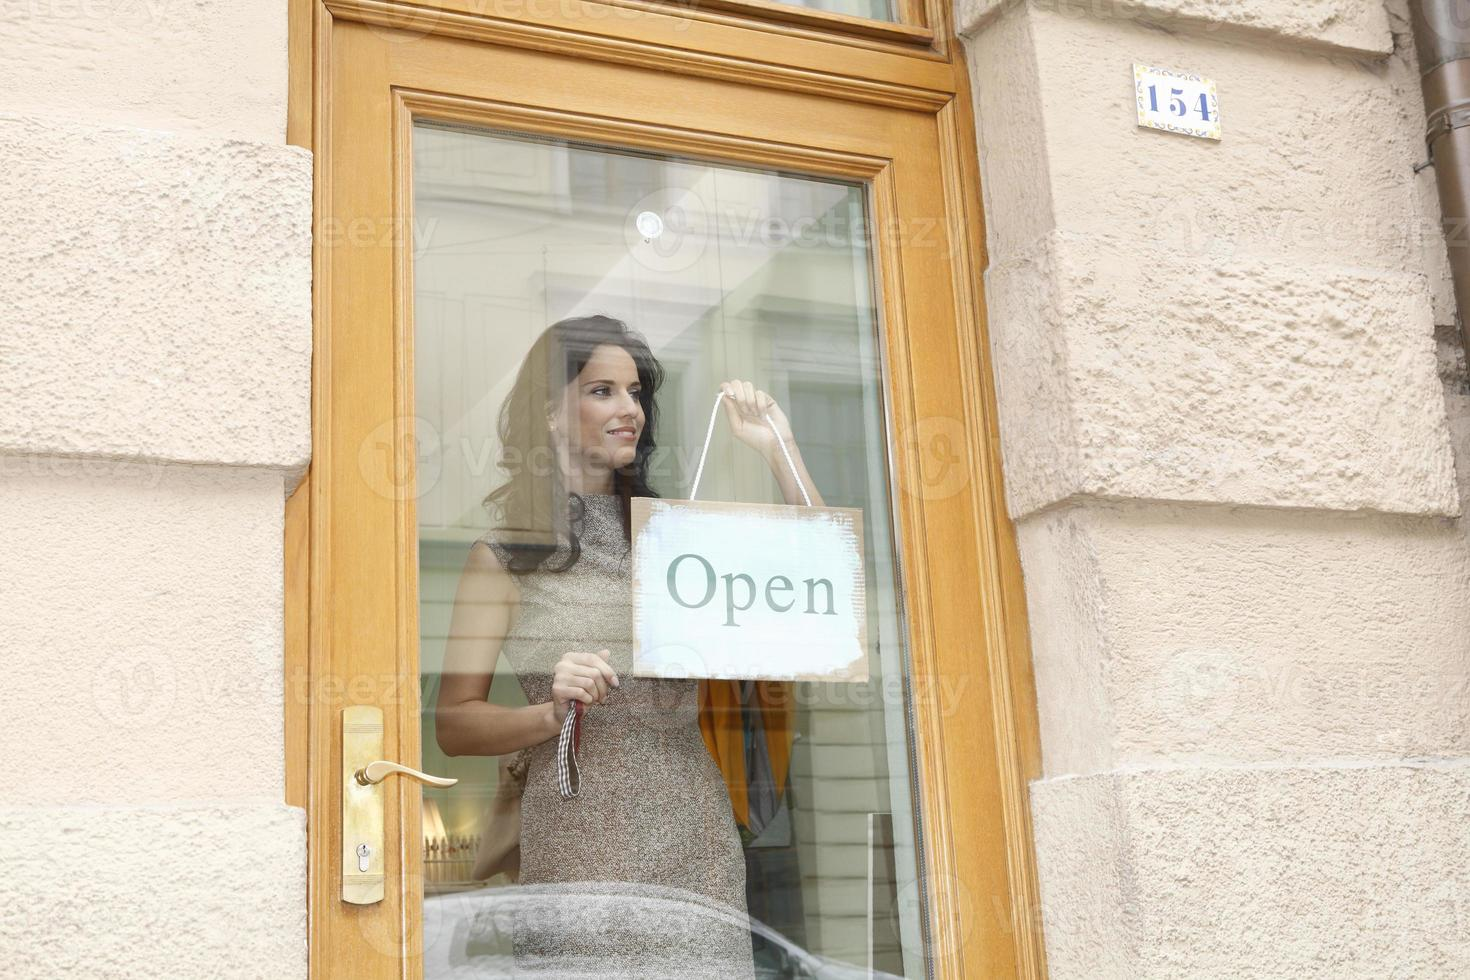 vrouw met open bord foto